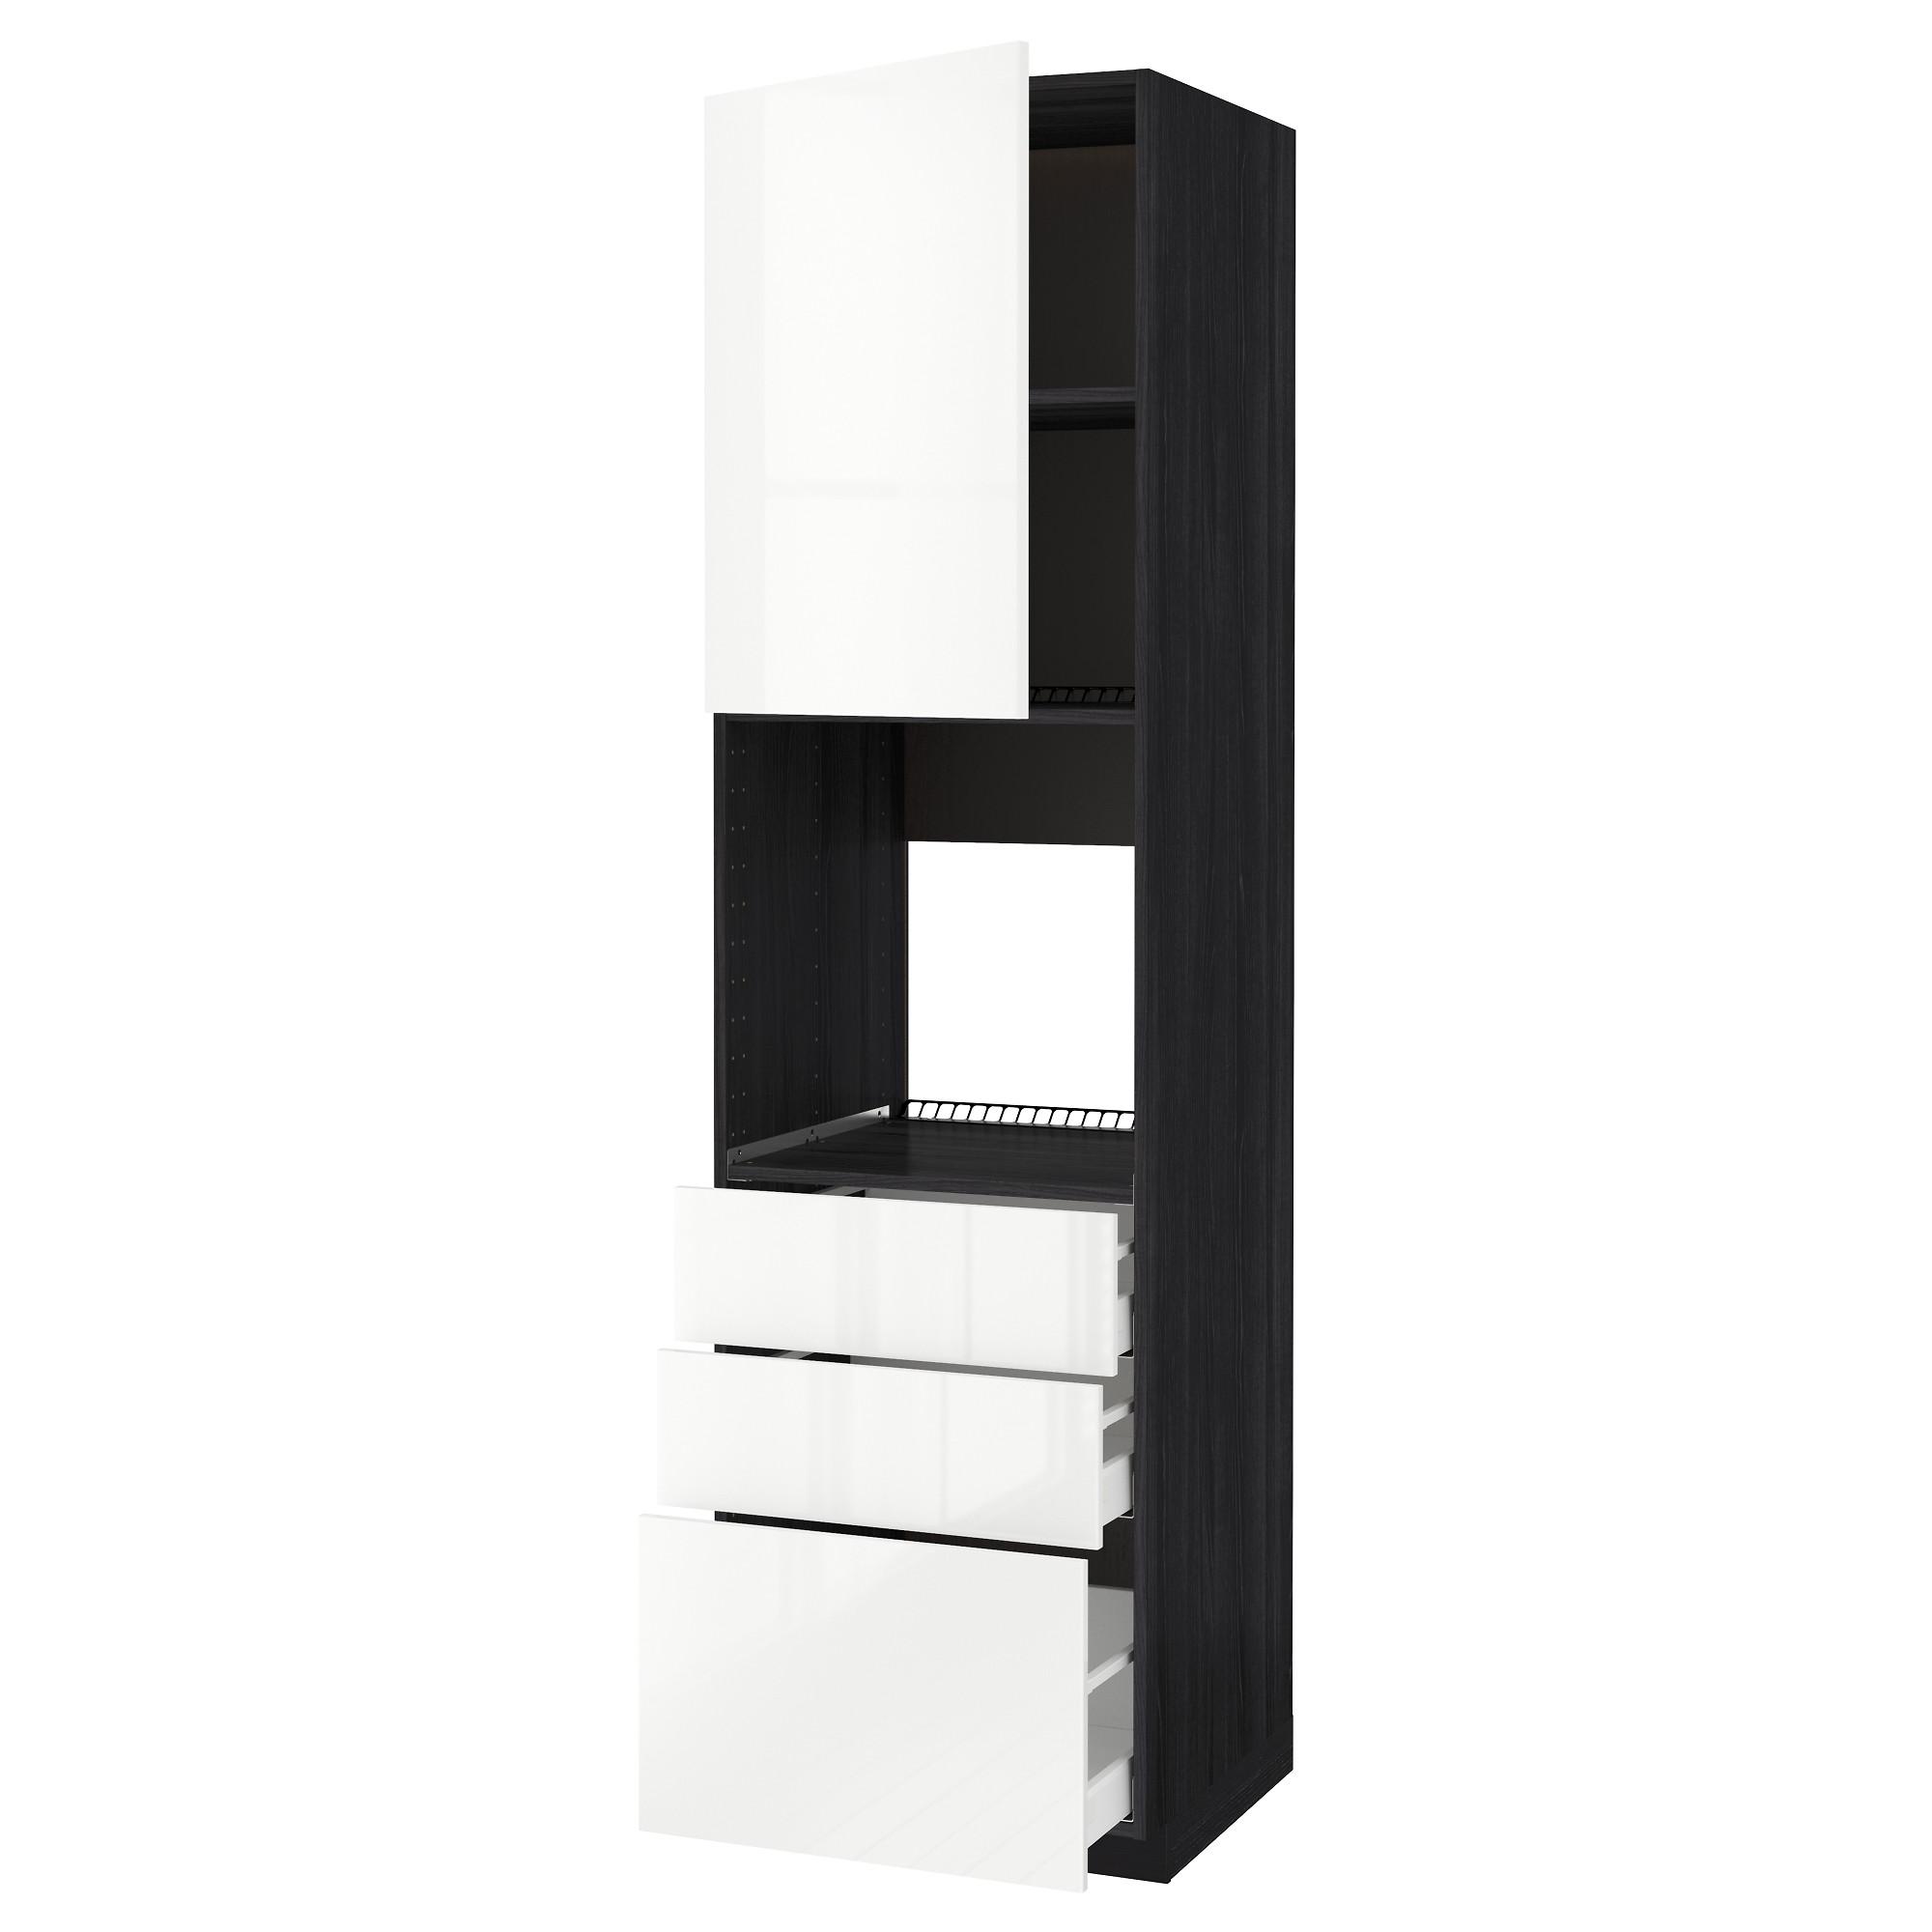 Высокий шкаф для духовки/дверь/3 ящика МЕТОД / МАКСИМЕРА черный артикуль № 592.371.52 в наличии. Интернет сайт ИКЕА РБ. Недорогая доставка и соборка.